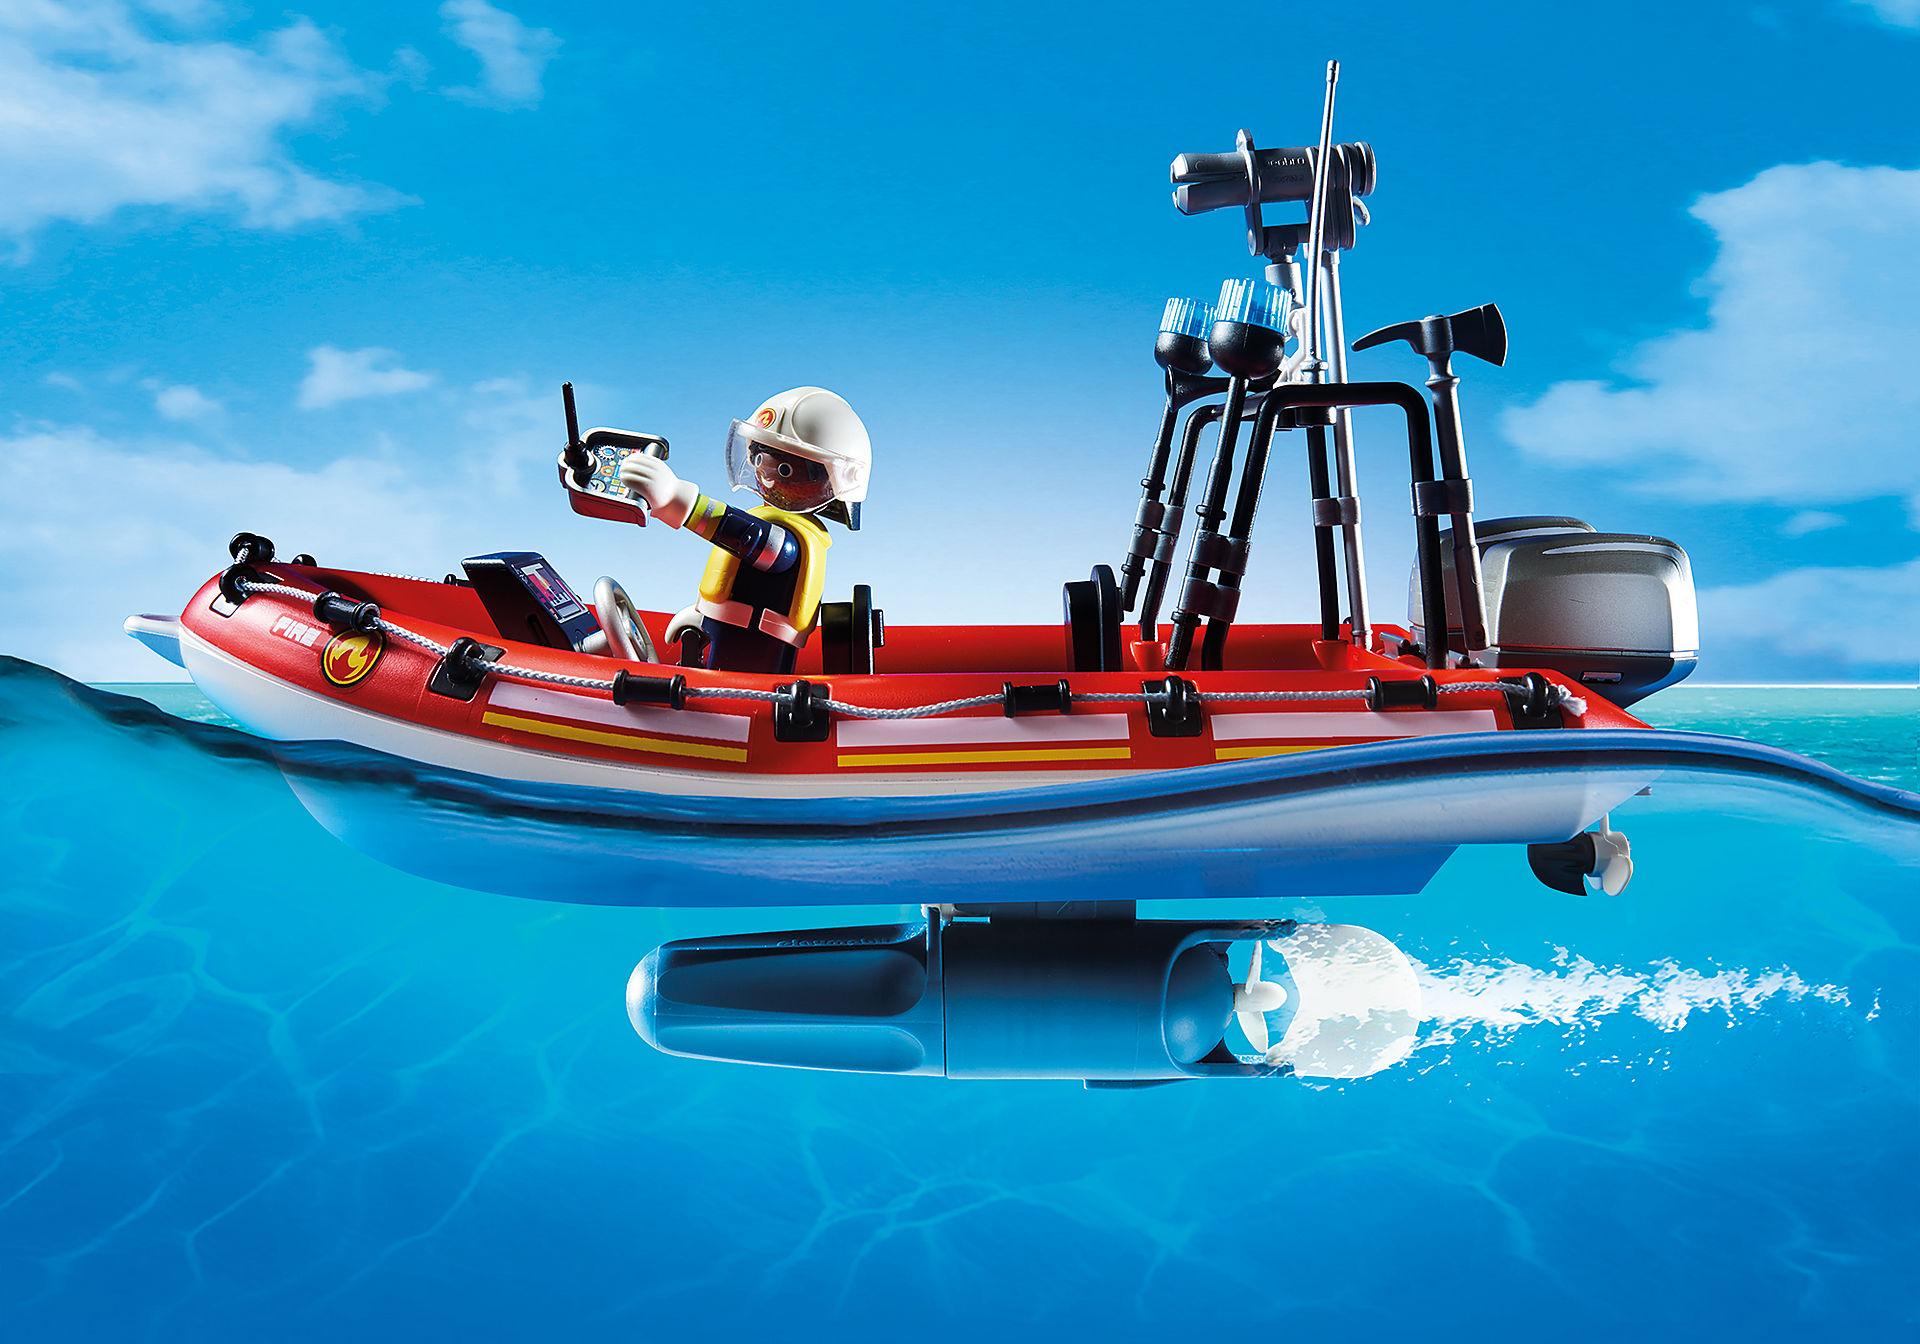 70335 Feuerwehreinsatz mit Heli und Boot zoom image4